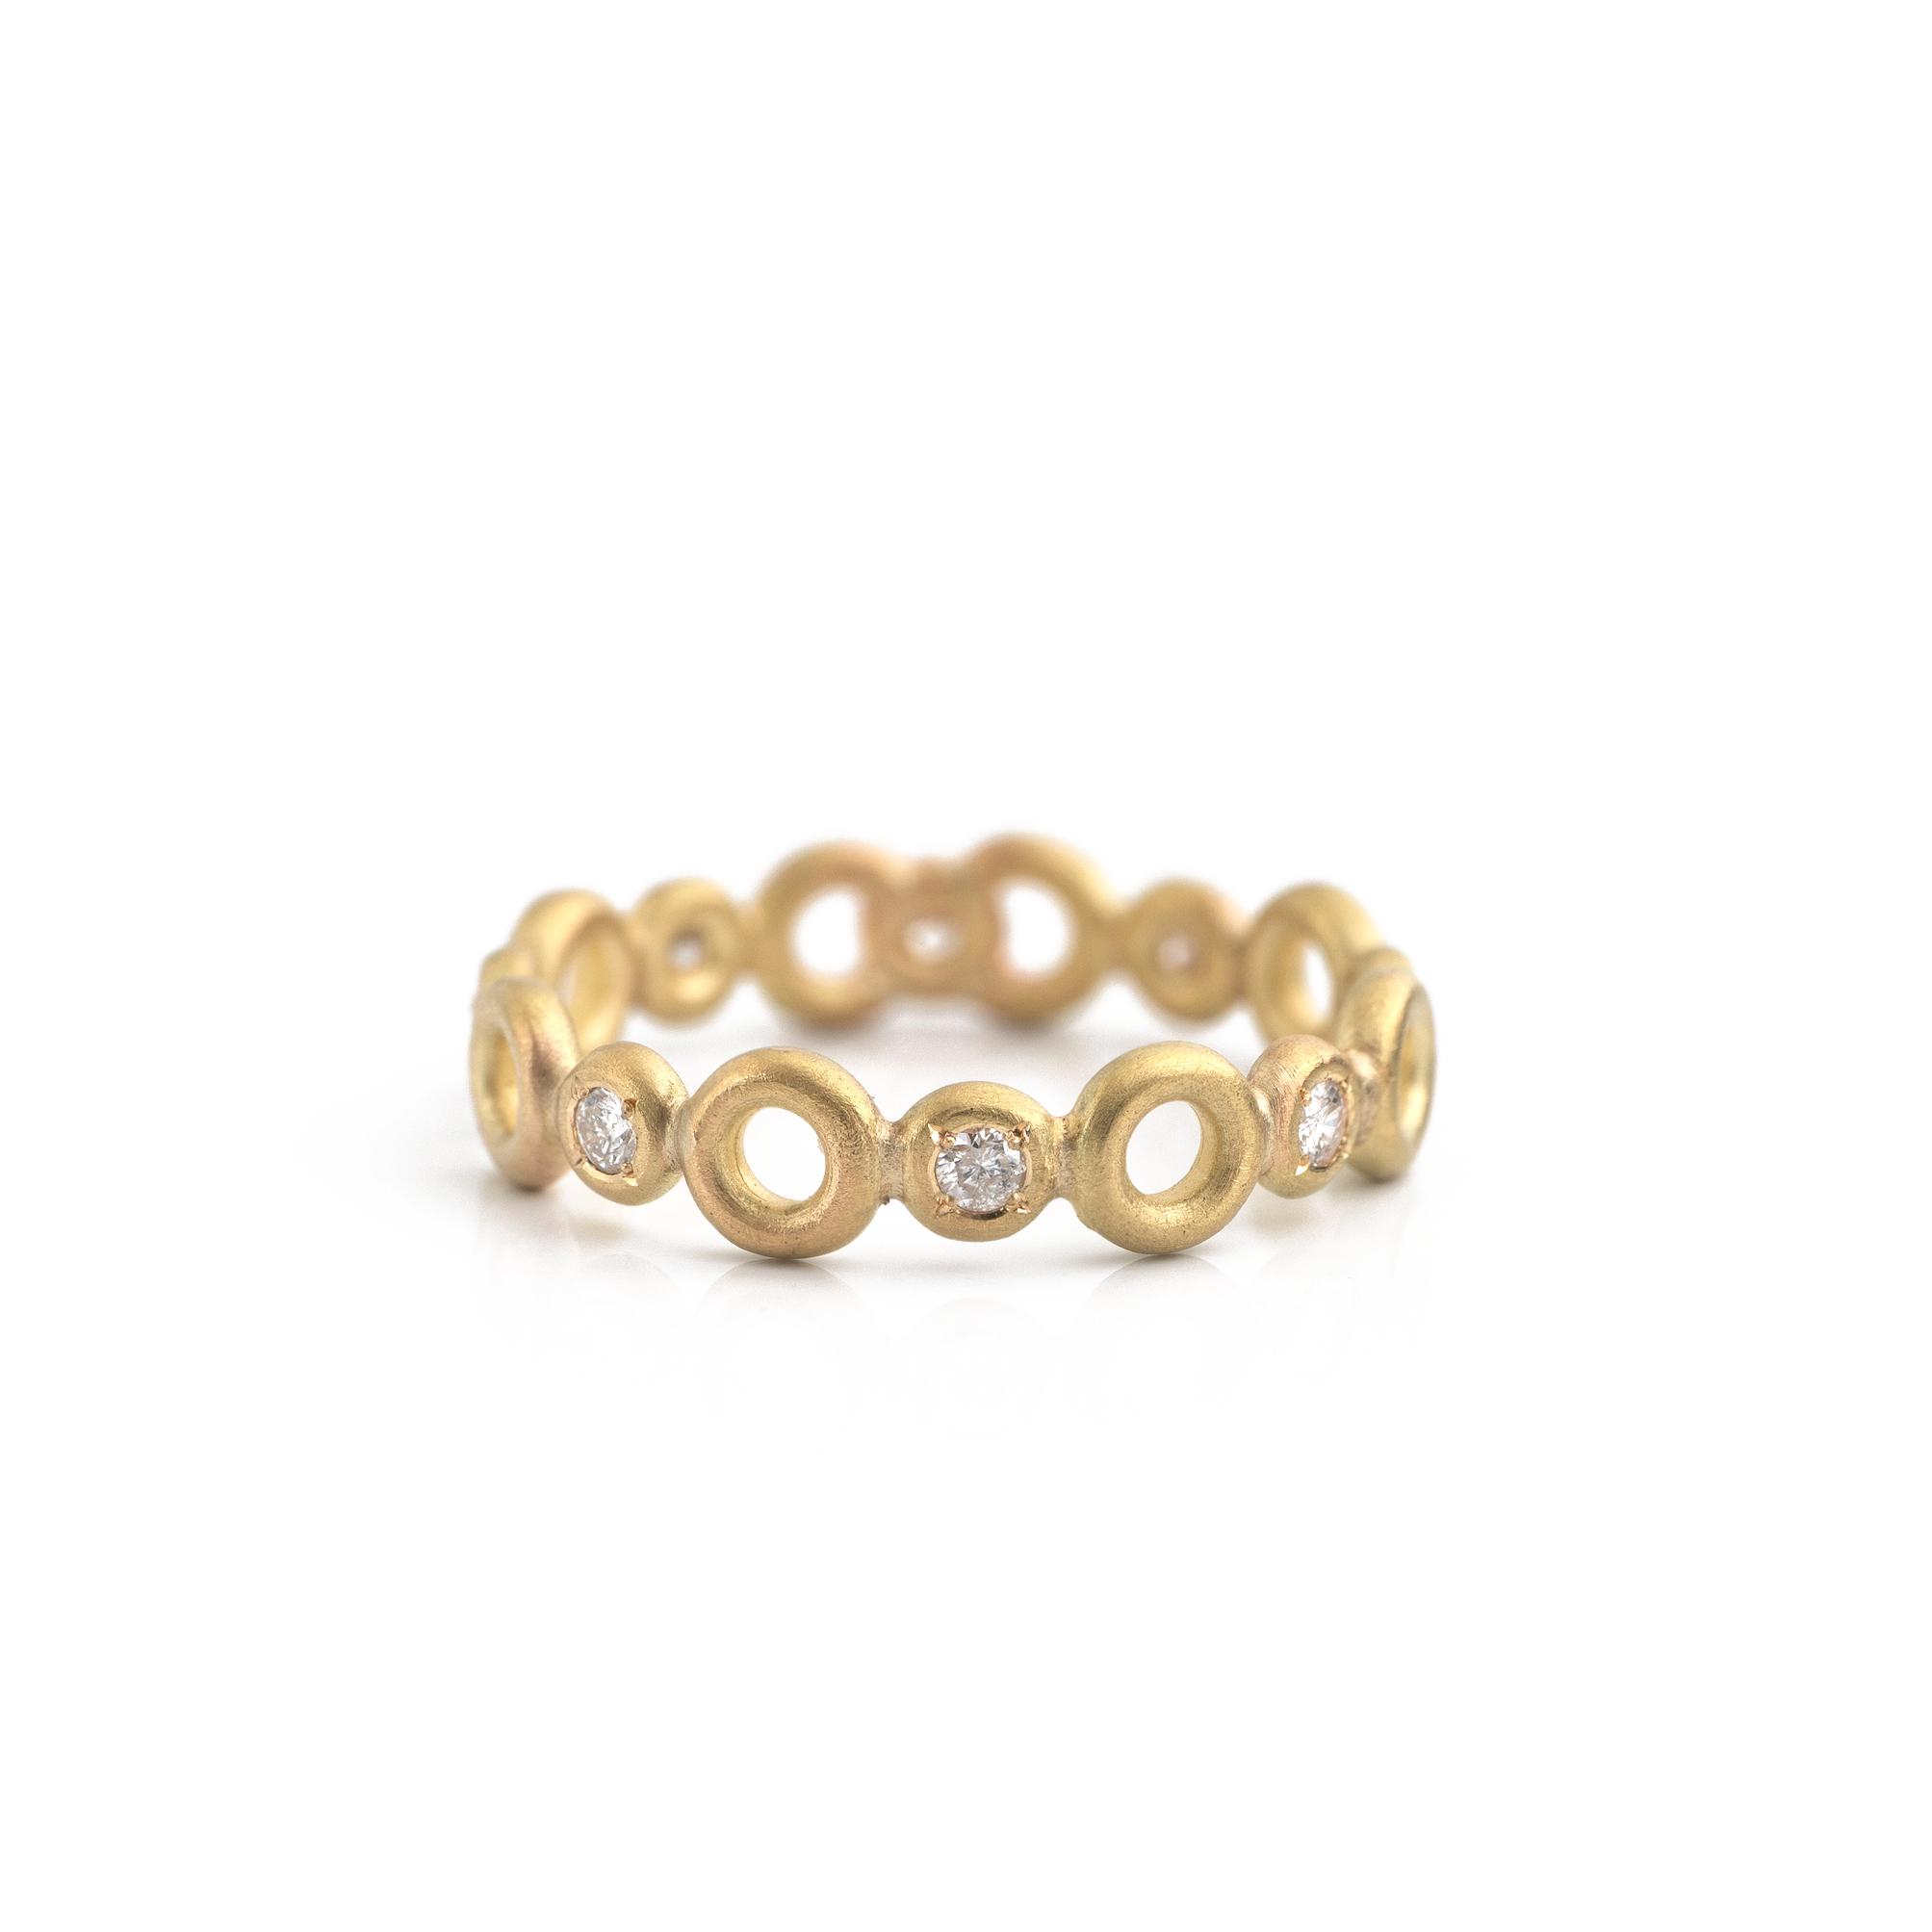 オーダーメイドエンゲージリング 白バック ゴールド、ダイヤモンド 屋久島でつくる結婚指輪